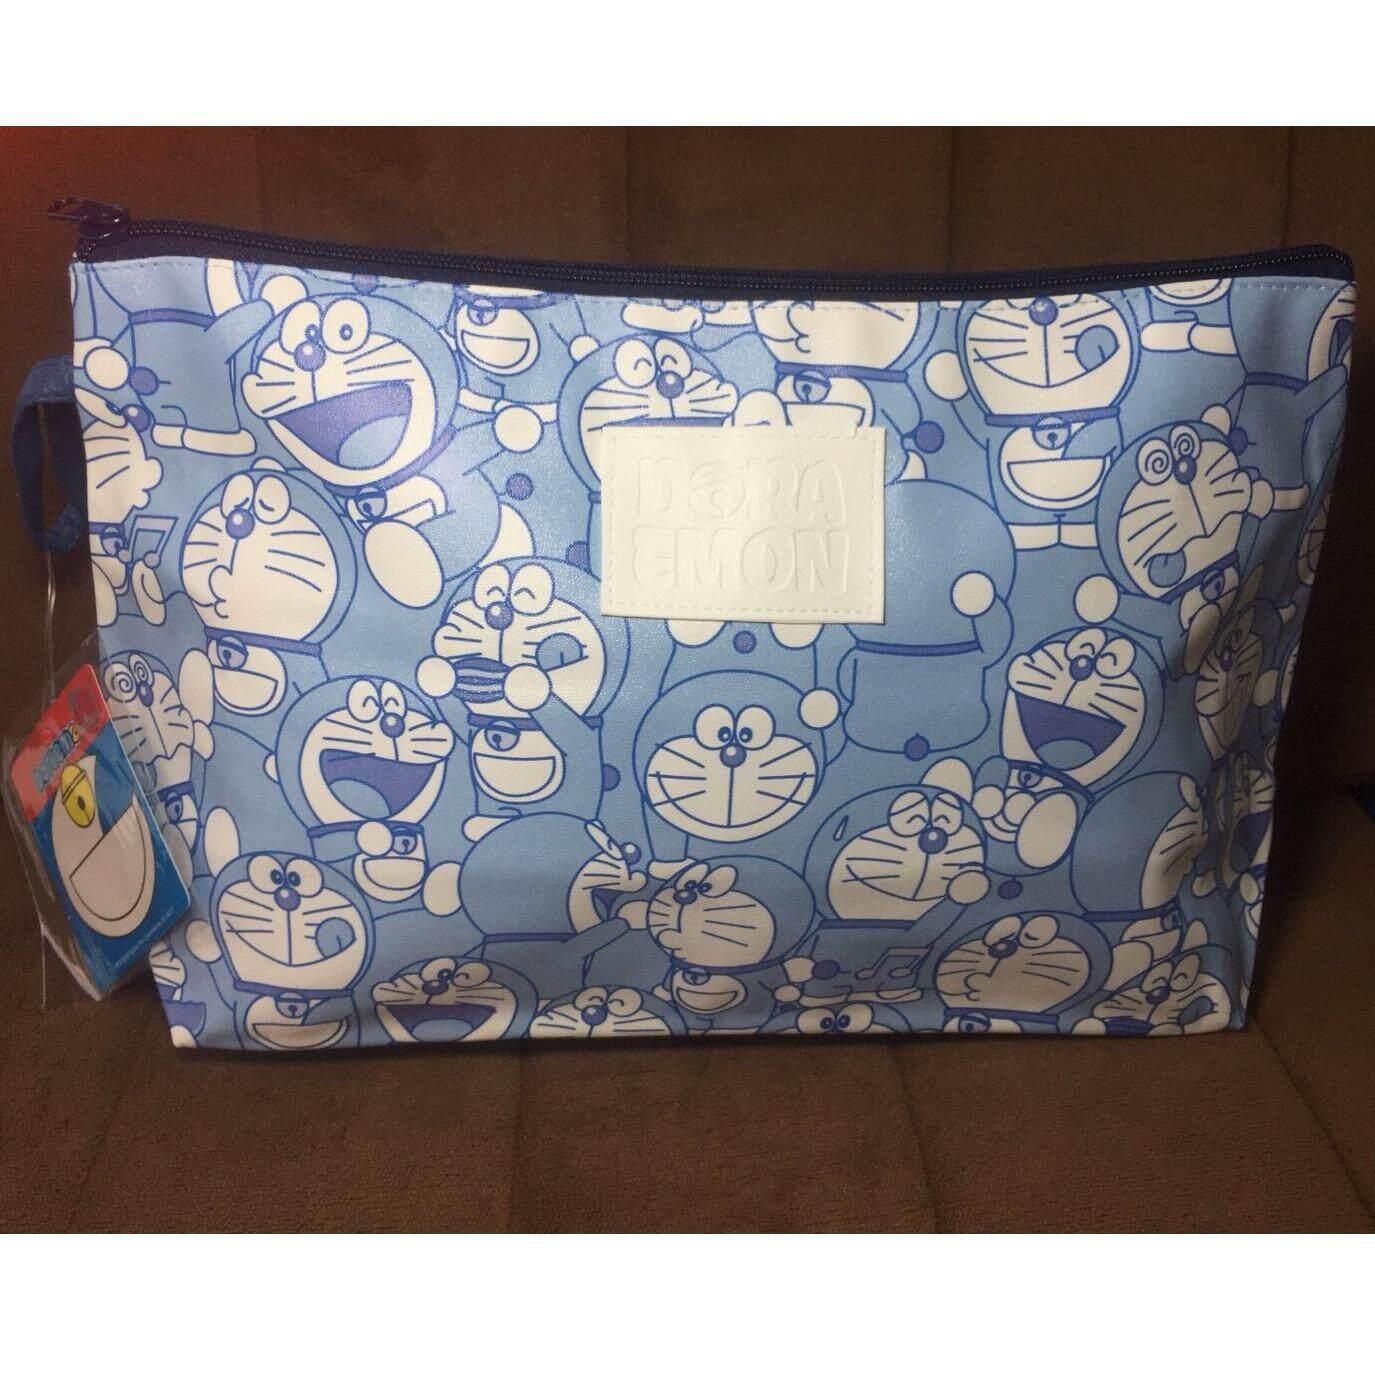 ส่วนลด กระเป๋าถือแฟชั่น ใส่เครื่องสำอางได้ ลาย Doraemon ขนาด 40 5 22 Noted ใน กรุงเทพมหานคร